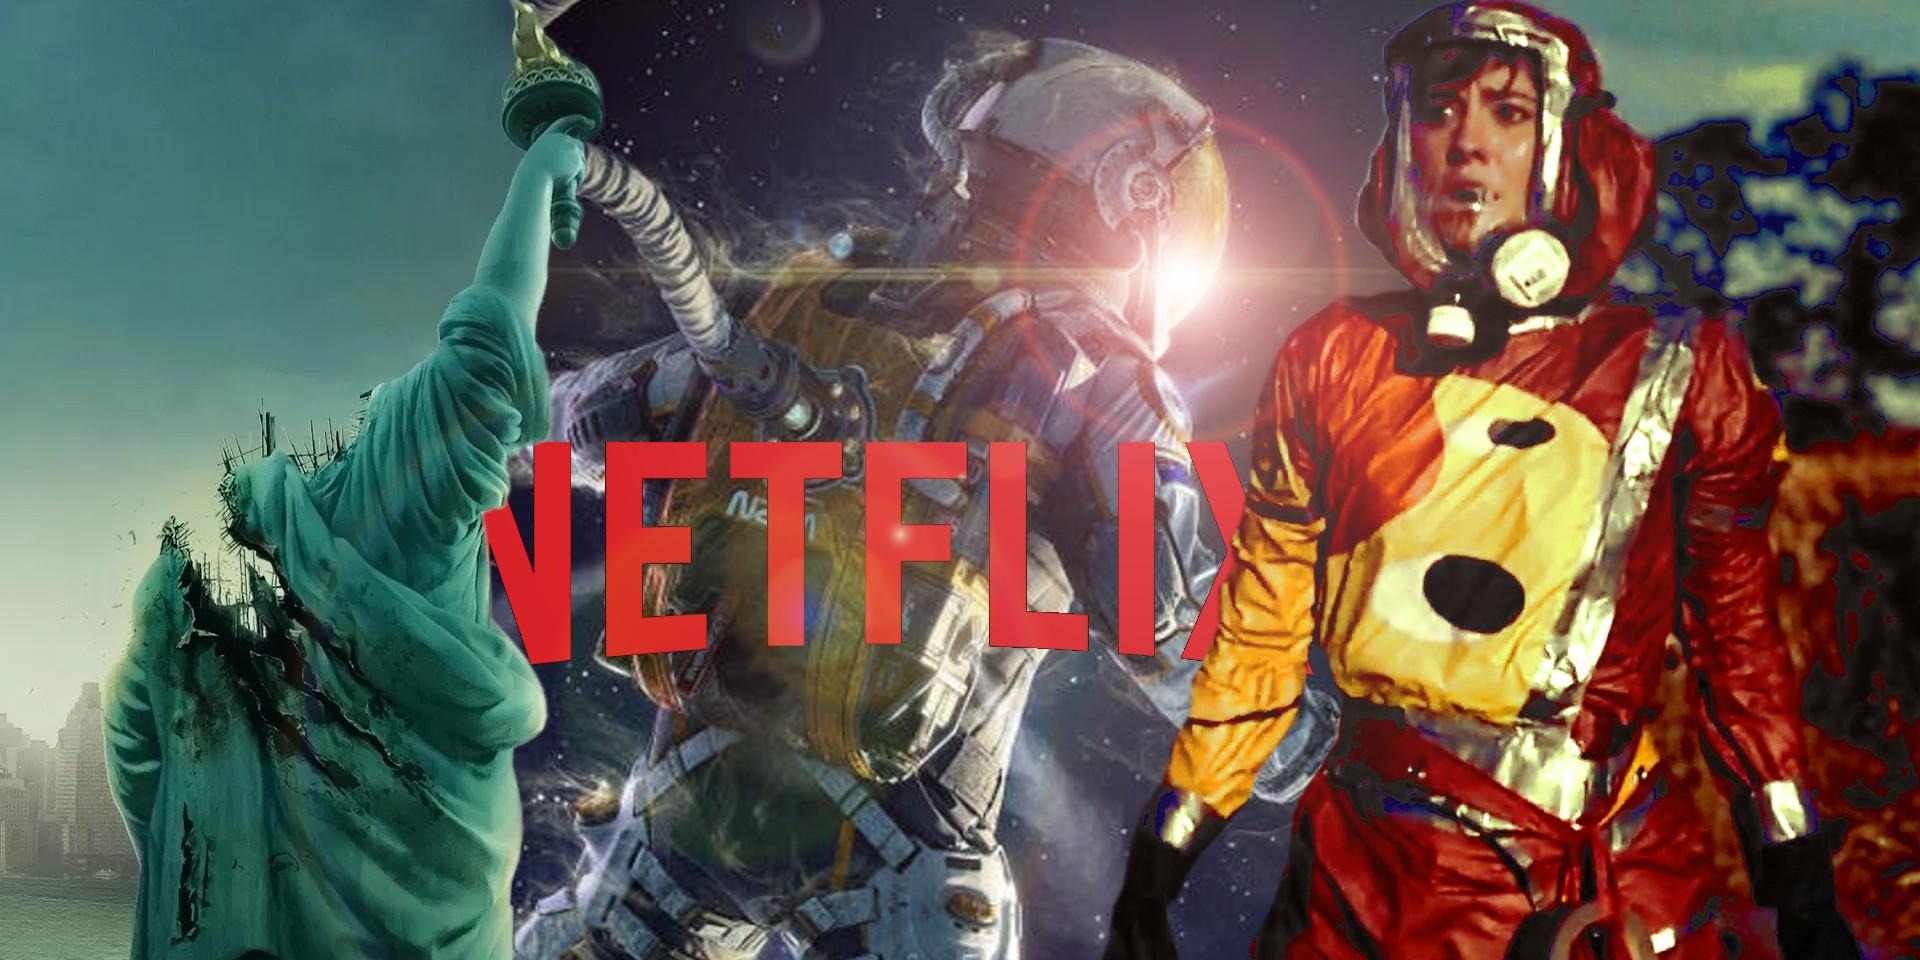 could cloverfield 3 have a surprise netflix premiere